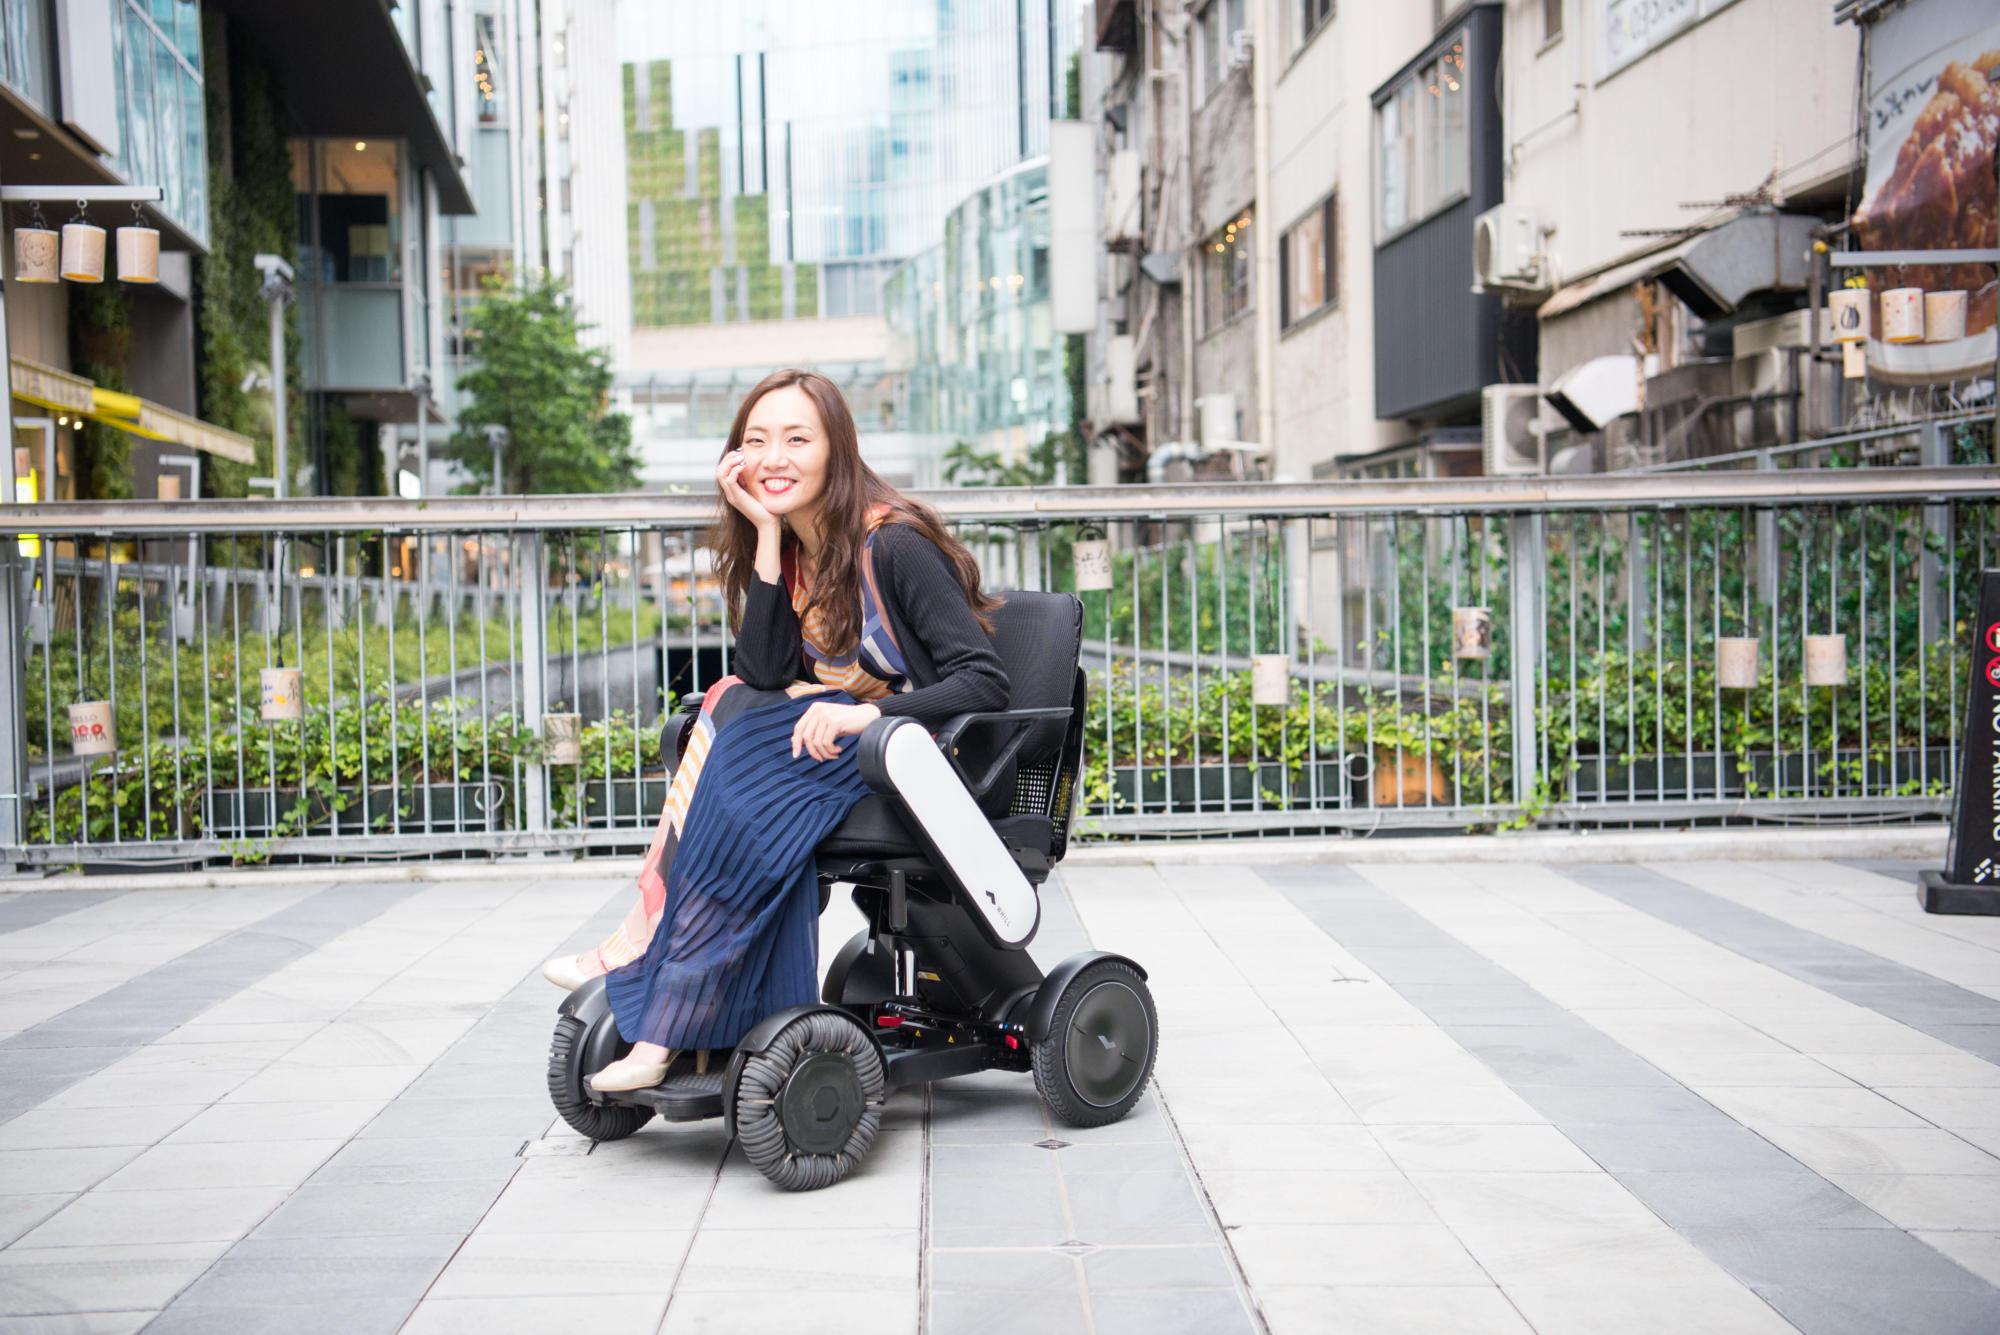 【写真】街頭で車椅子に座り、笑顔のみおしんさん